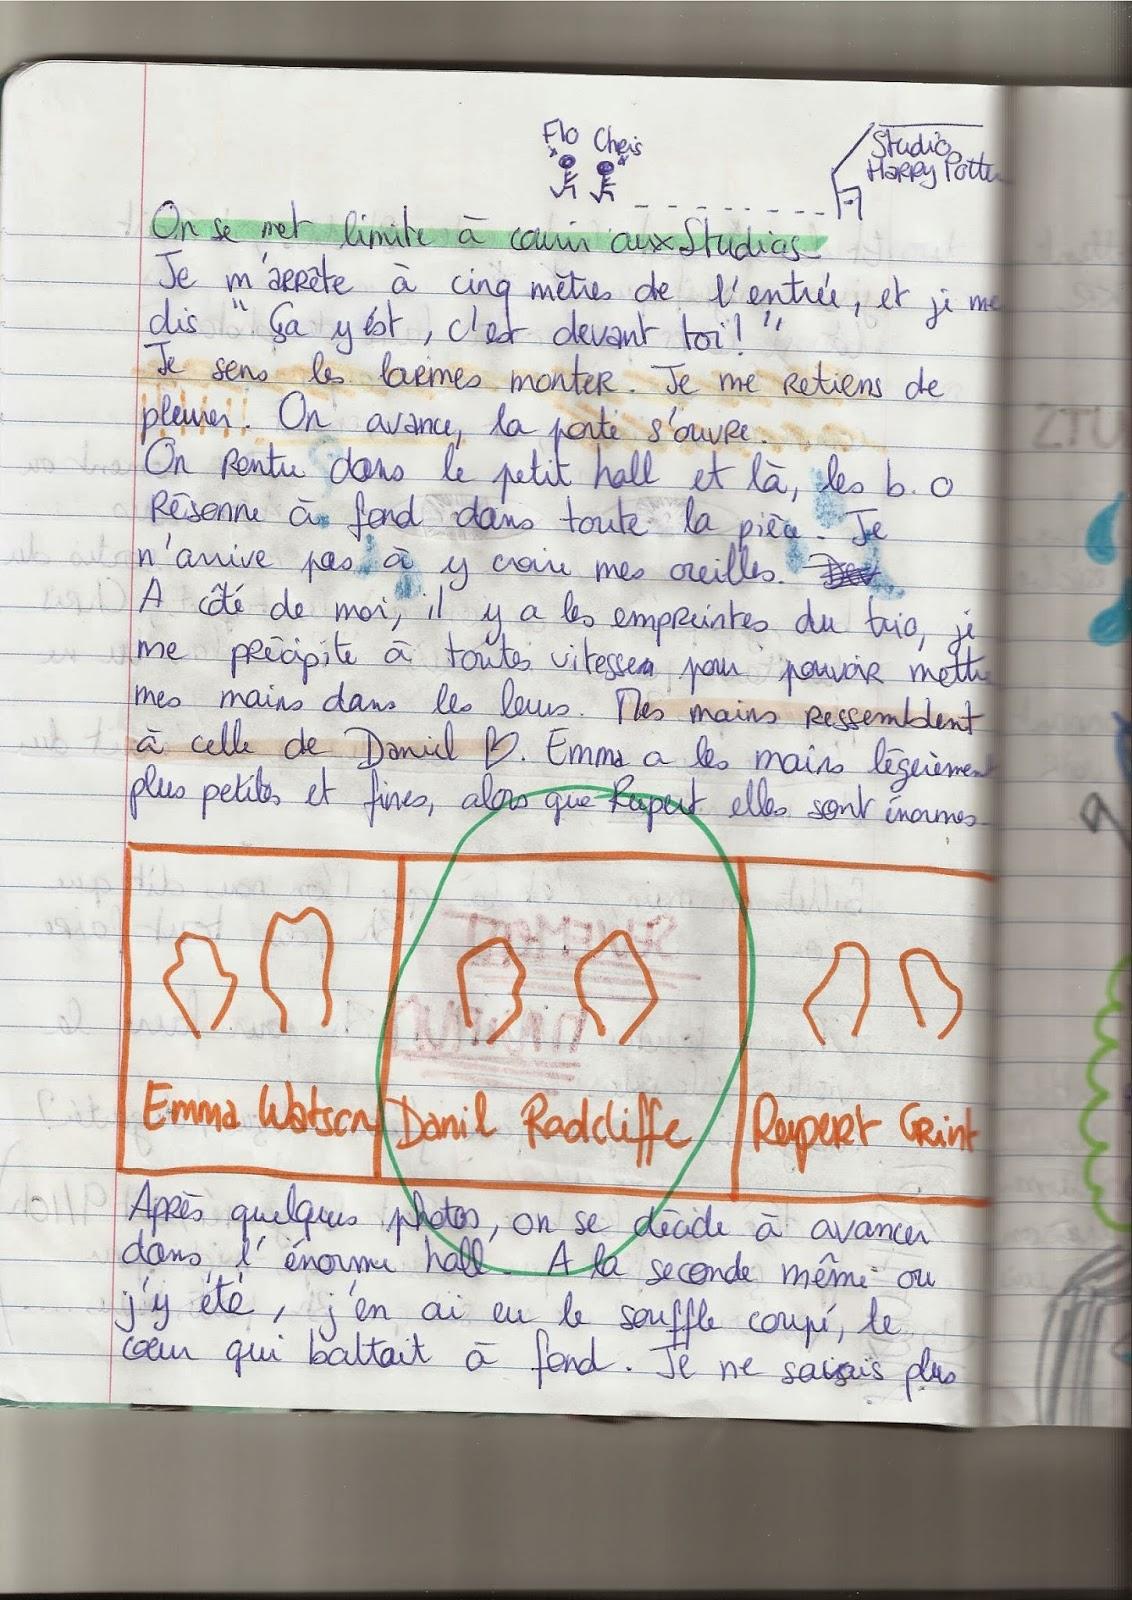 Magiquement Potter Les Chaussettes Sont Les Vetements Preferes De Dobby Monsieur Answers to 7 questions about le vaisseau: magiquement potter blogger